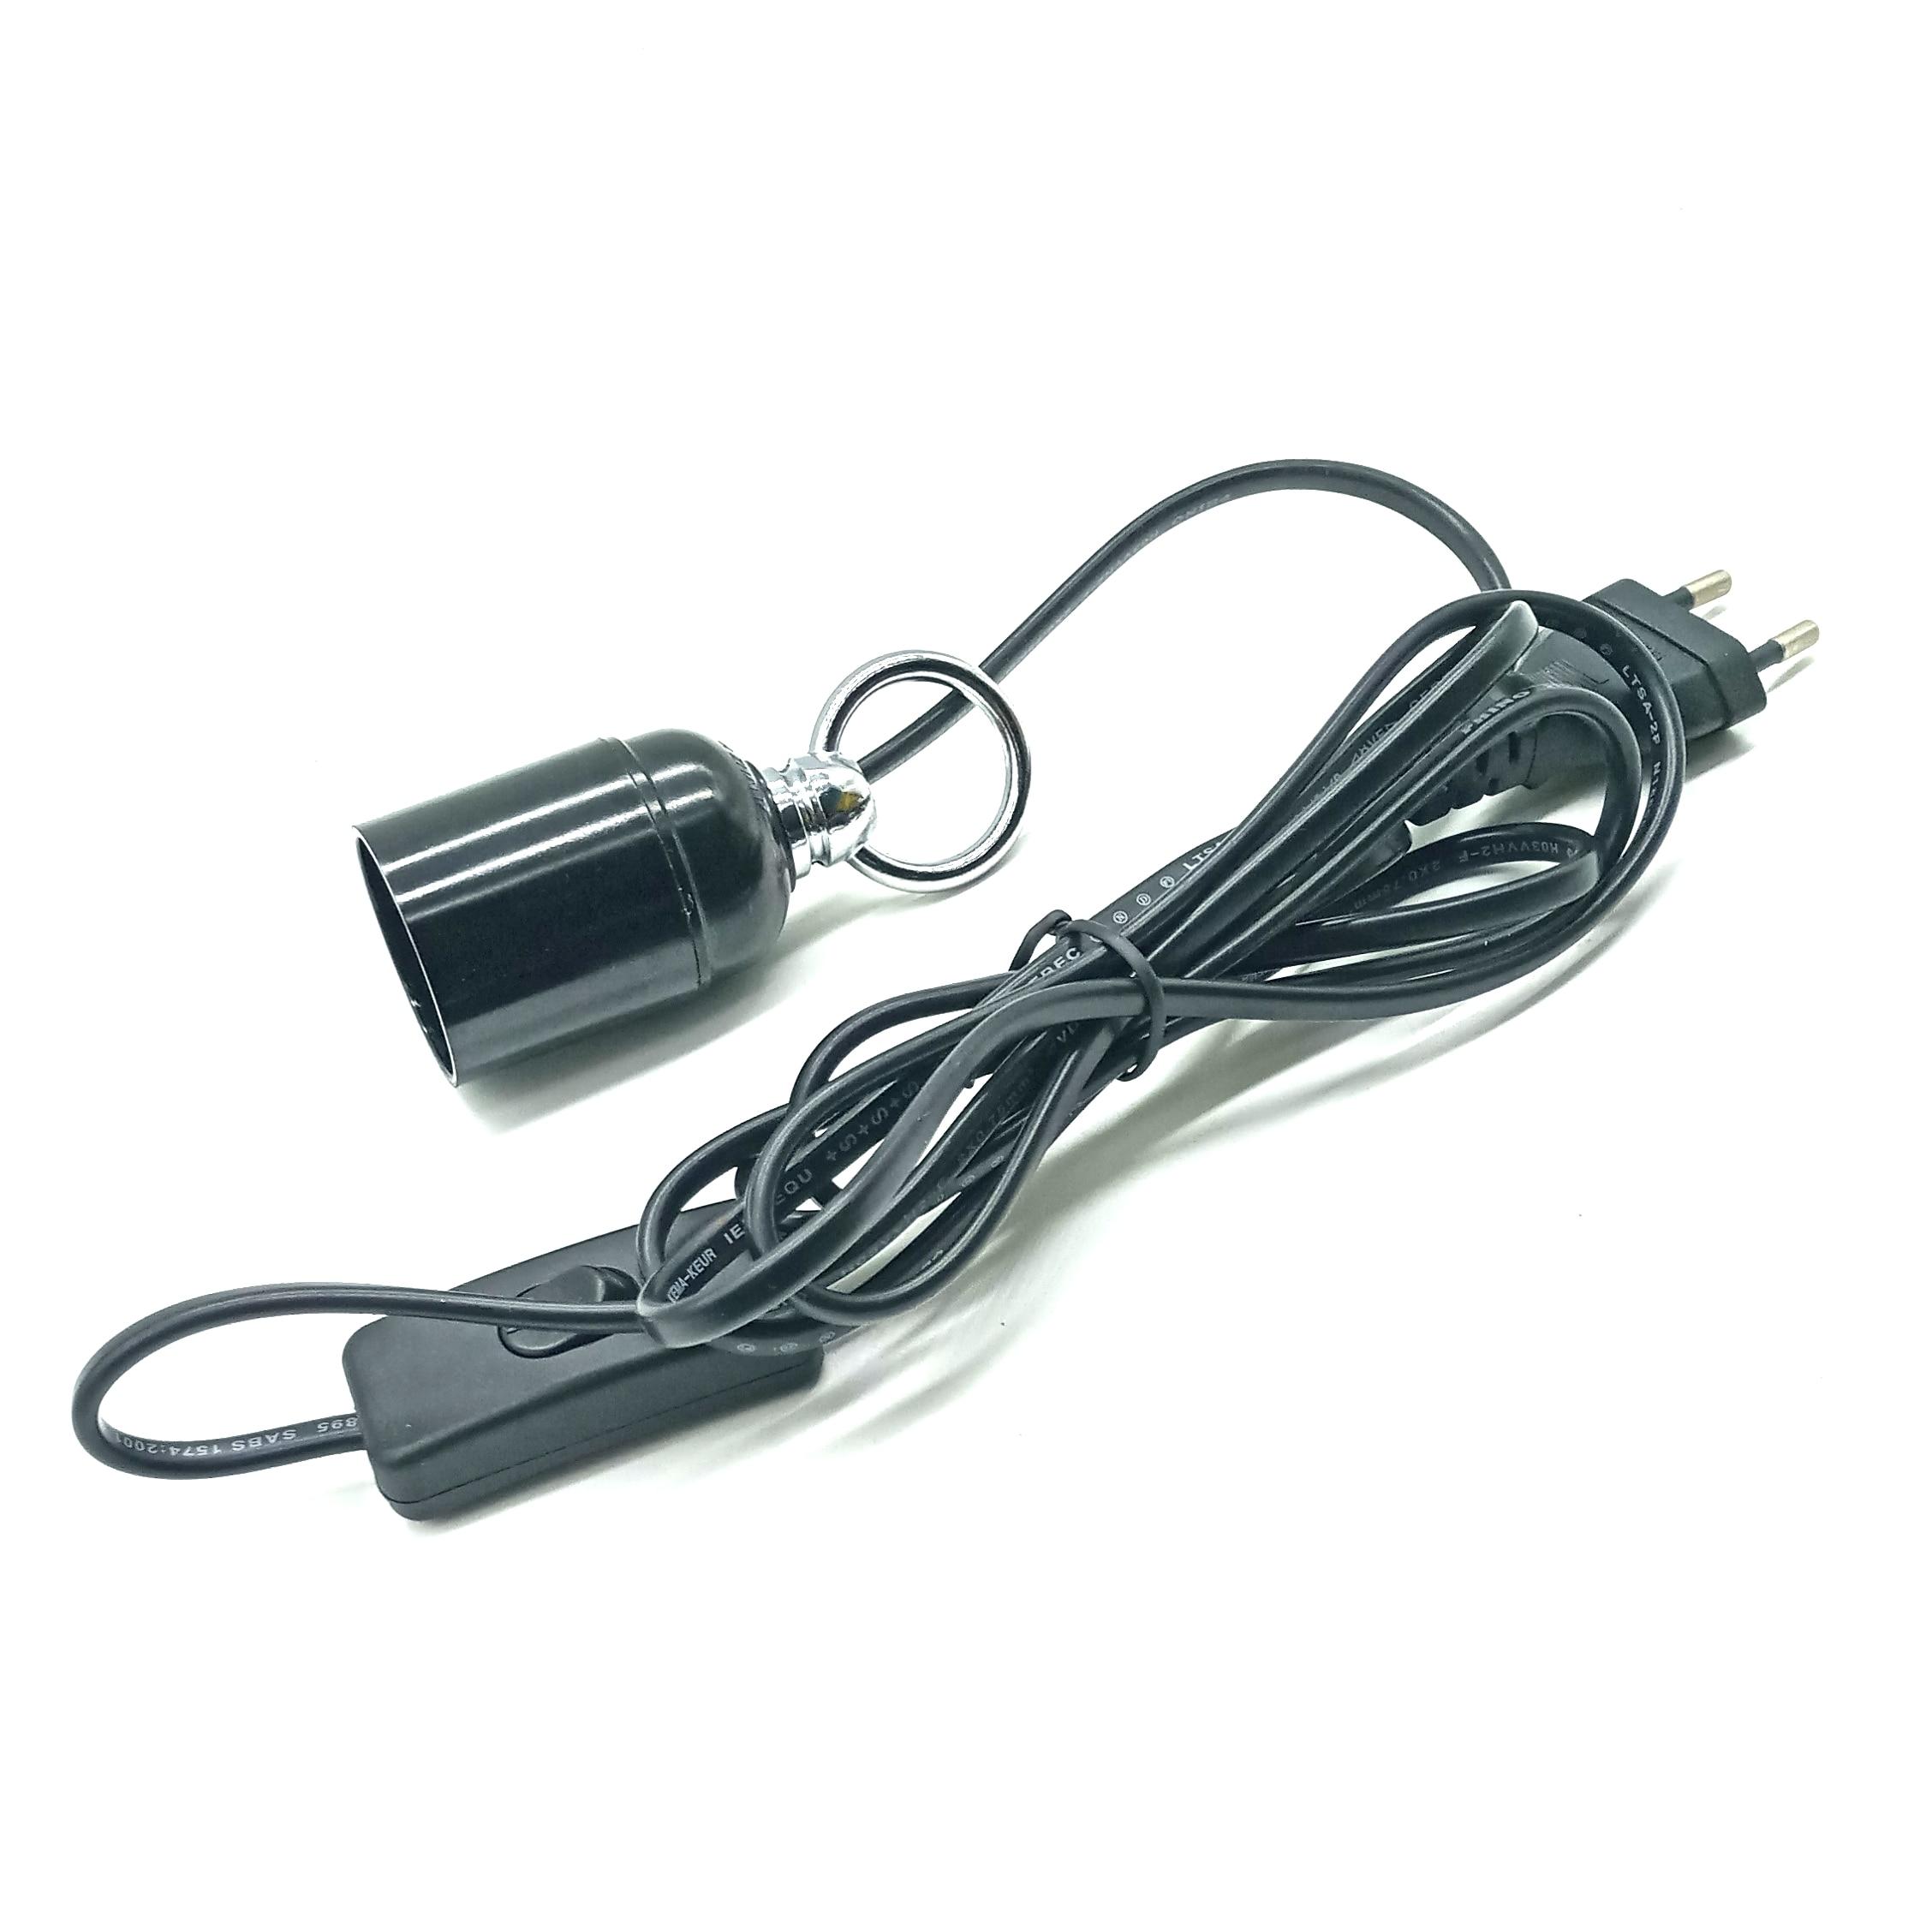 Interruptor en línea E26/27 portalámparas enchufe de la UE cuelgue la cabeza de la lámpara e27